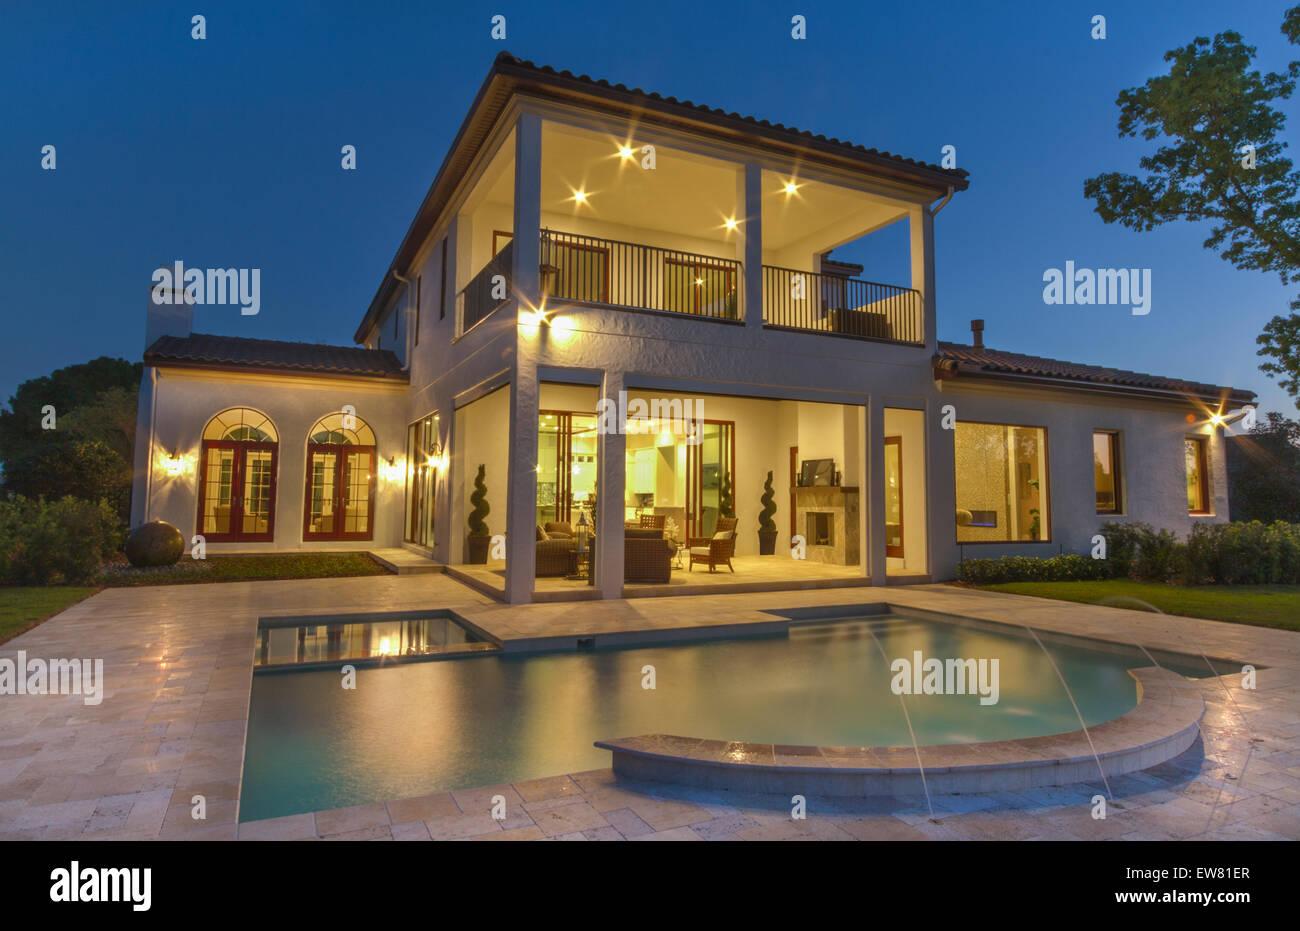 sch nes haus mit pool in der nacht in bay hill windermere. Black Bedroom Furniture Sets. Home Design Ideas